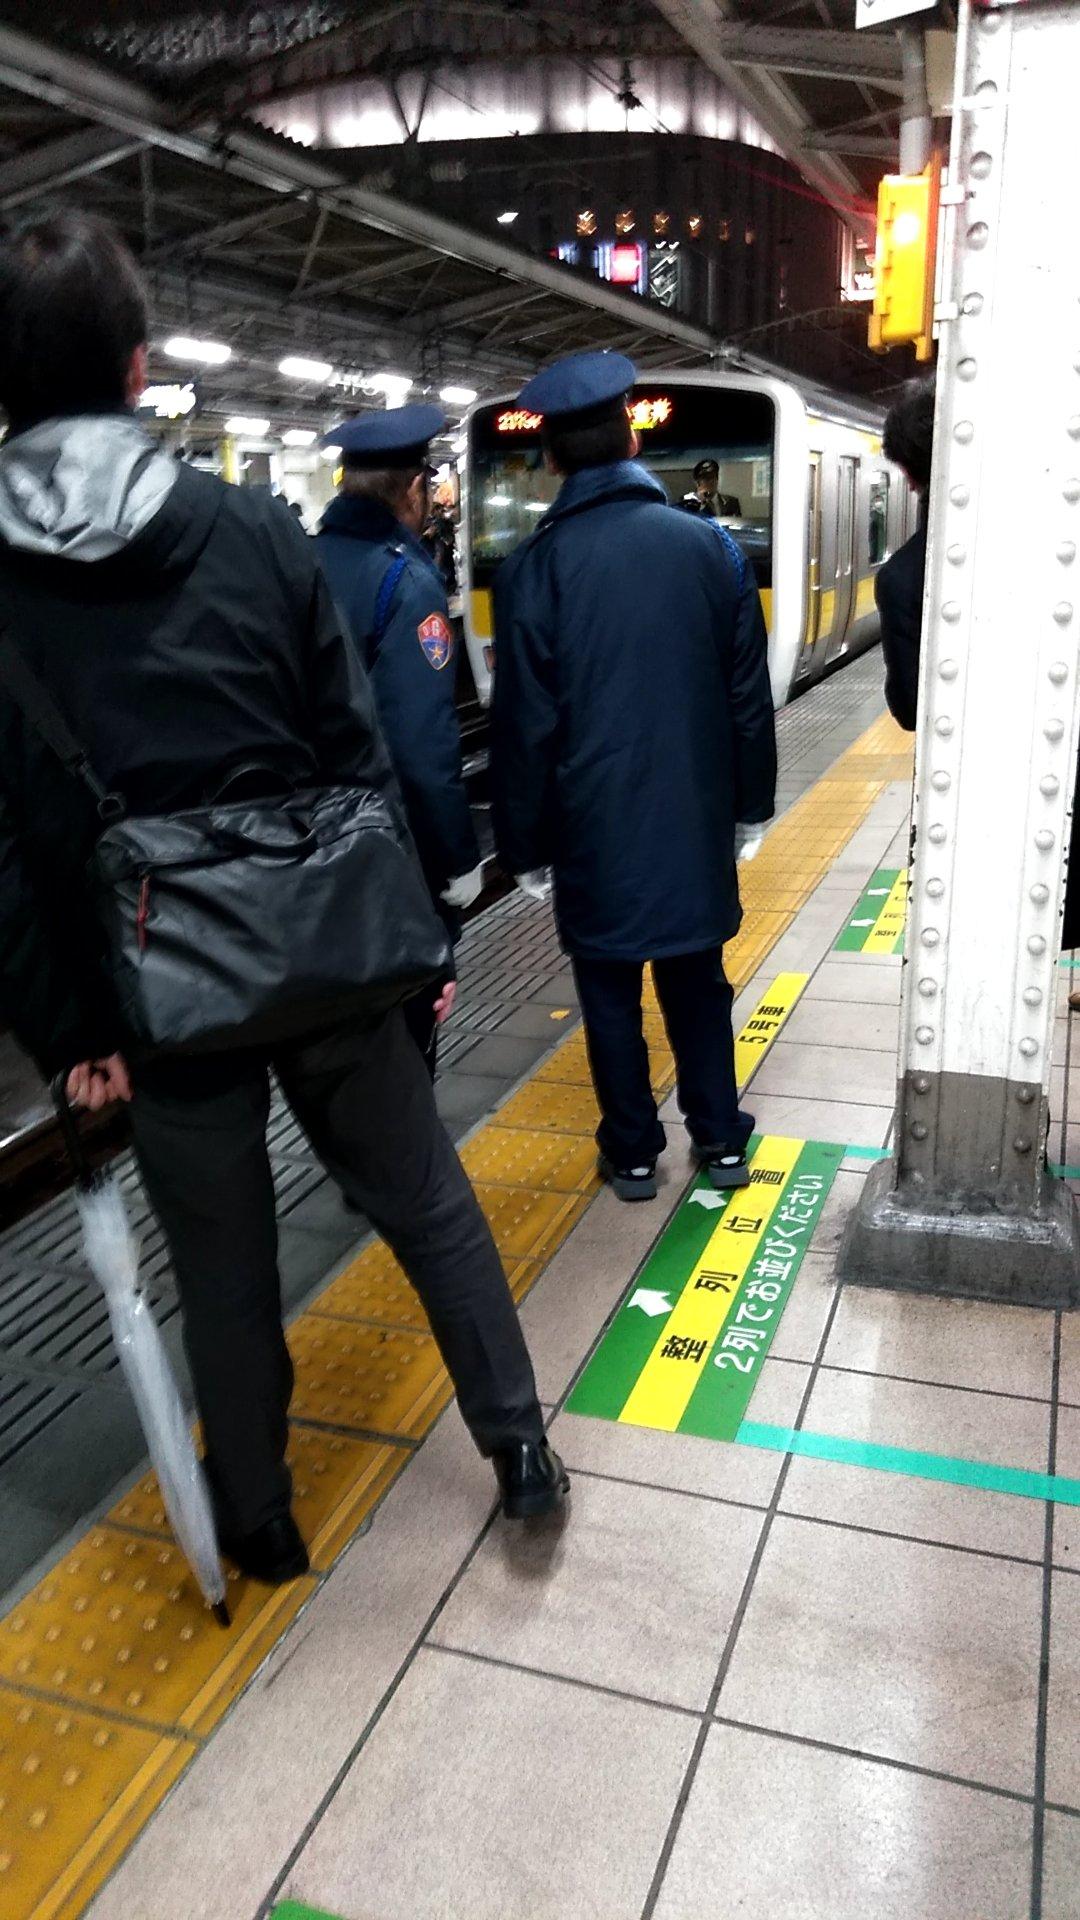 総武線の秋葉原駅の人身事故で現場検証している画像